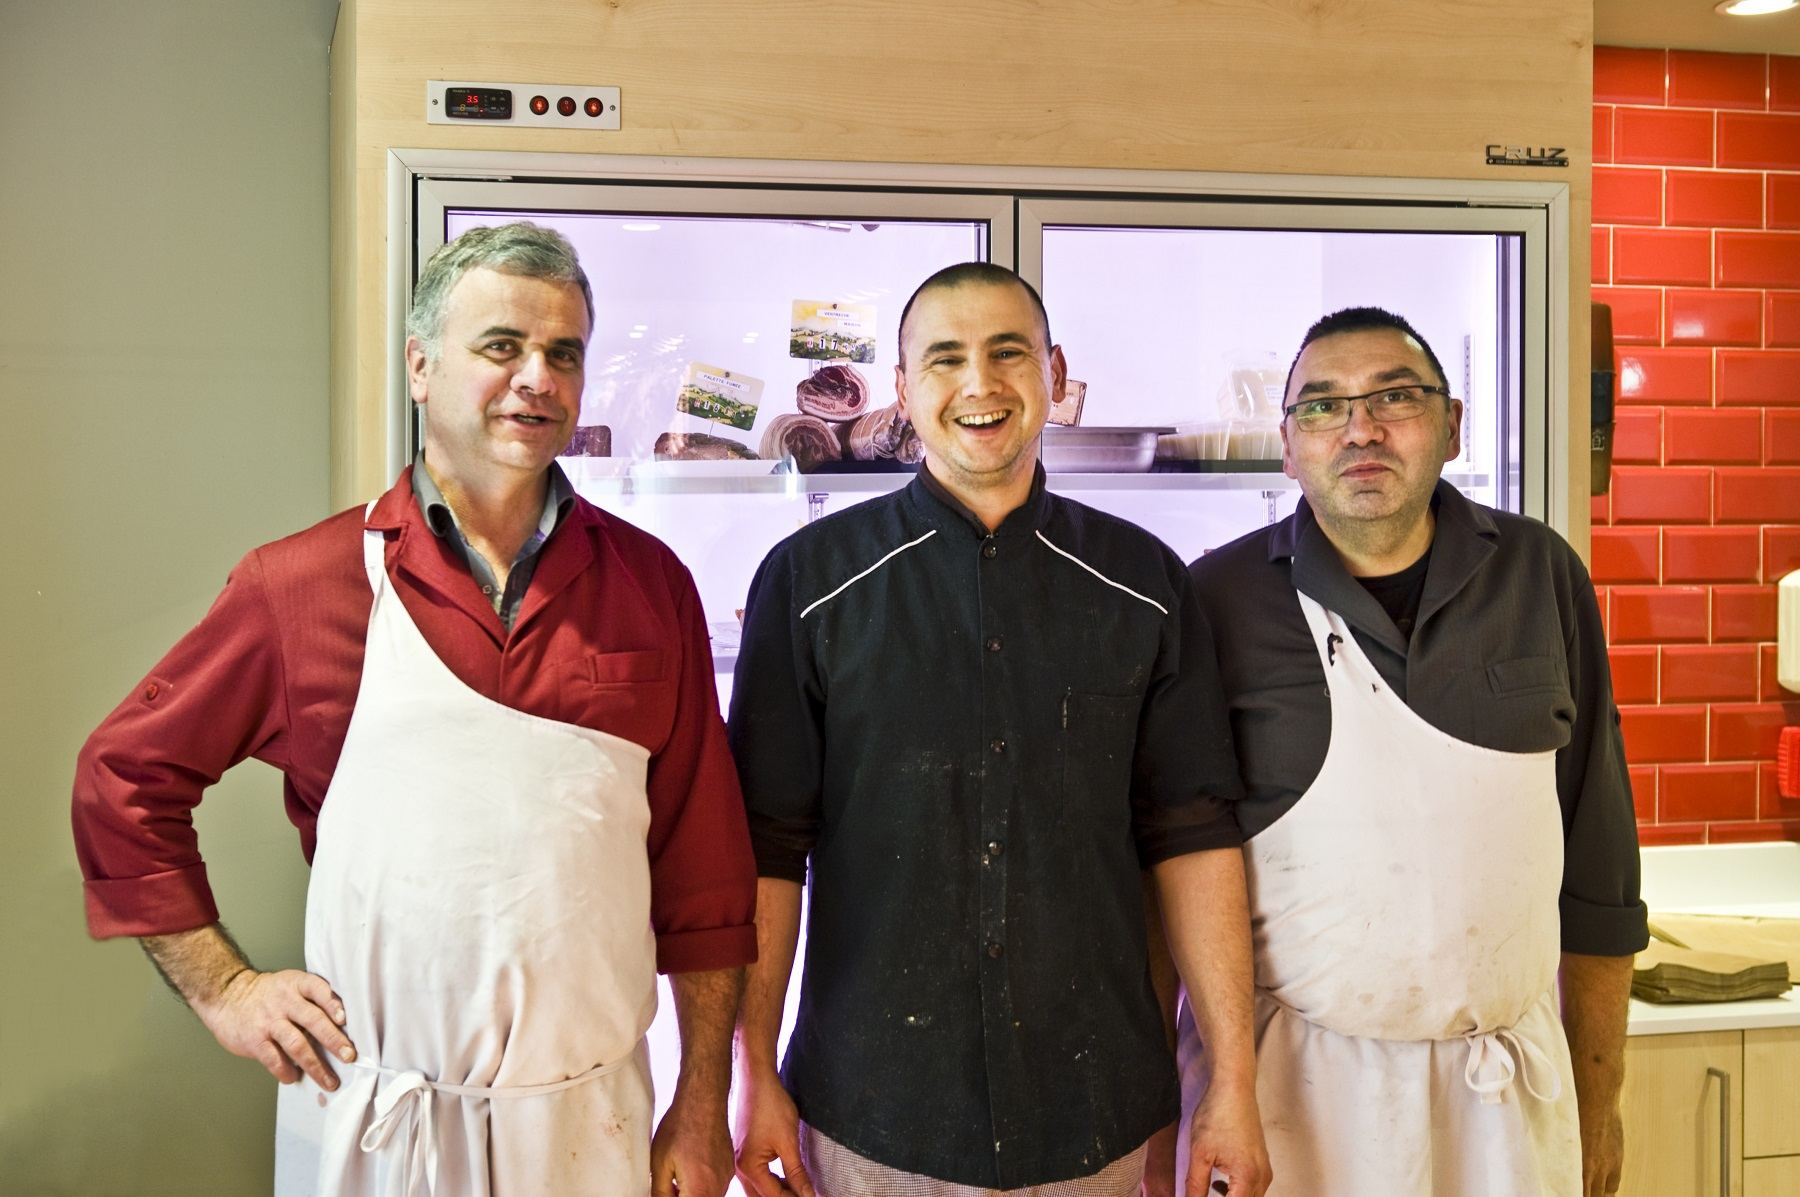 NAKIDE-Boucherie-Patrick Puel-agencement-portrait-boucher